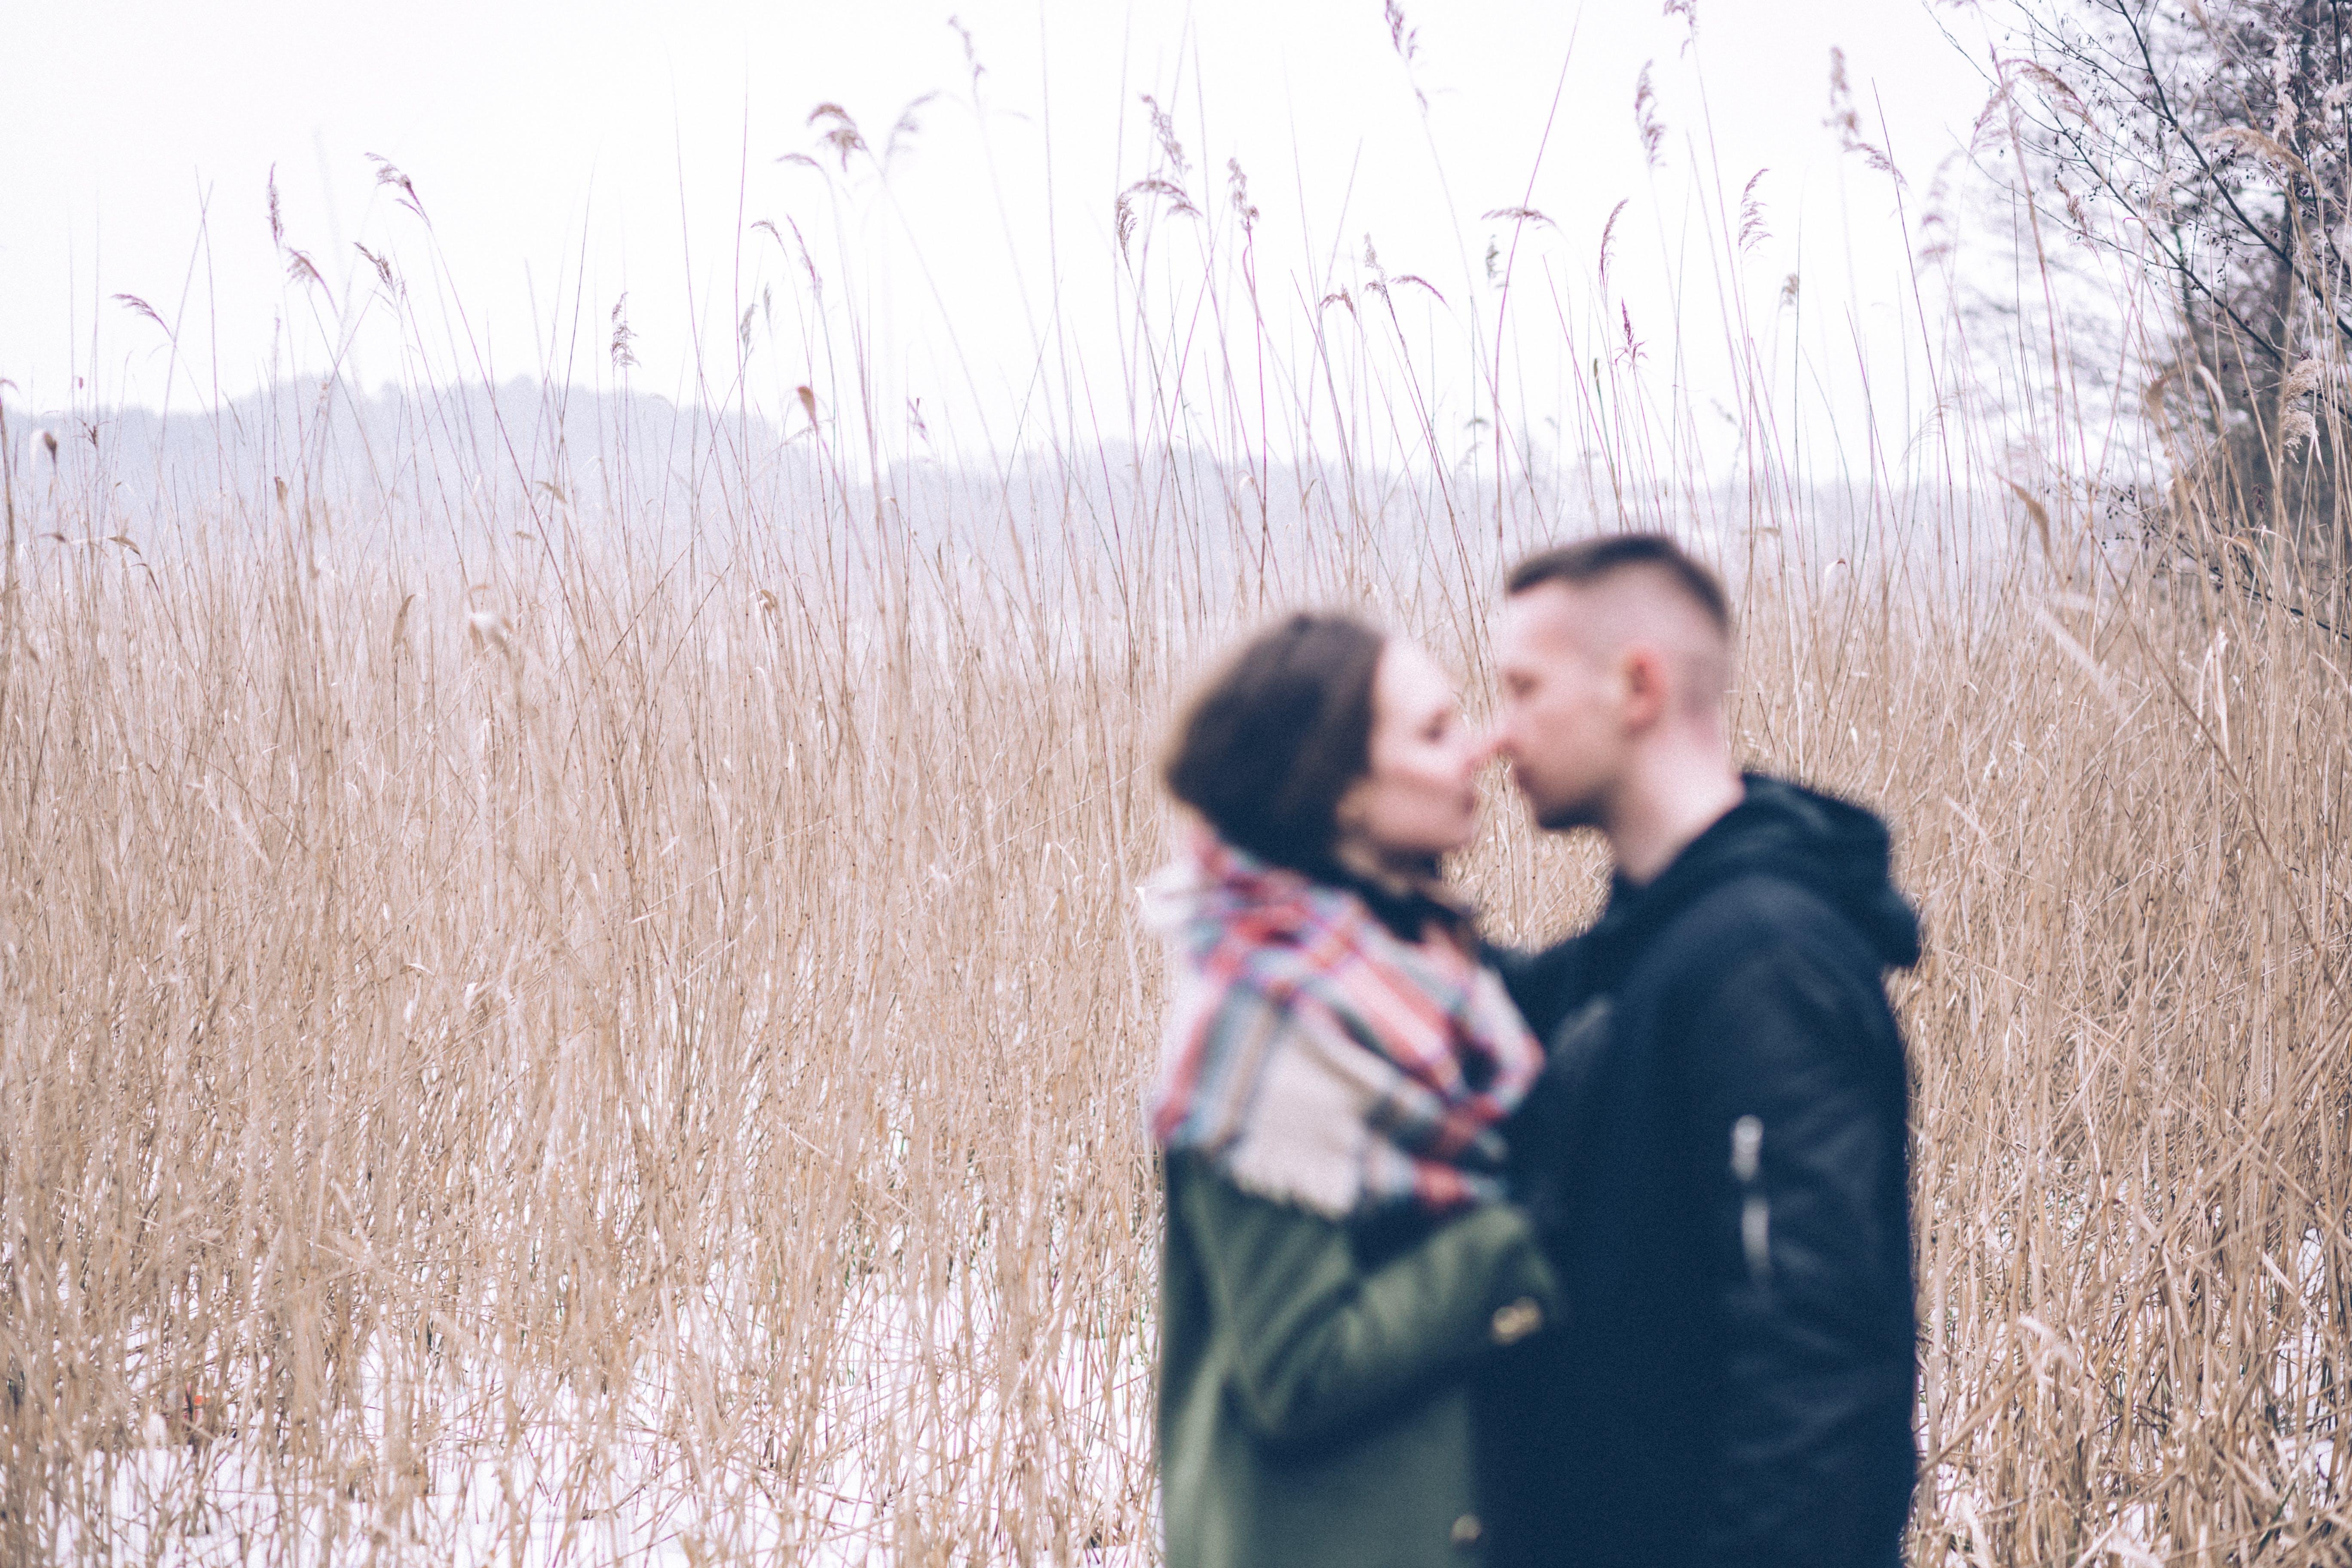 Man and Woman Standing Near Grass Field